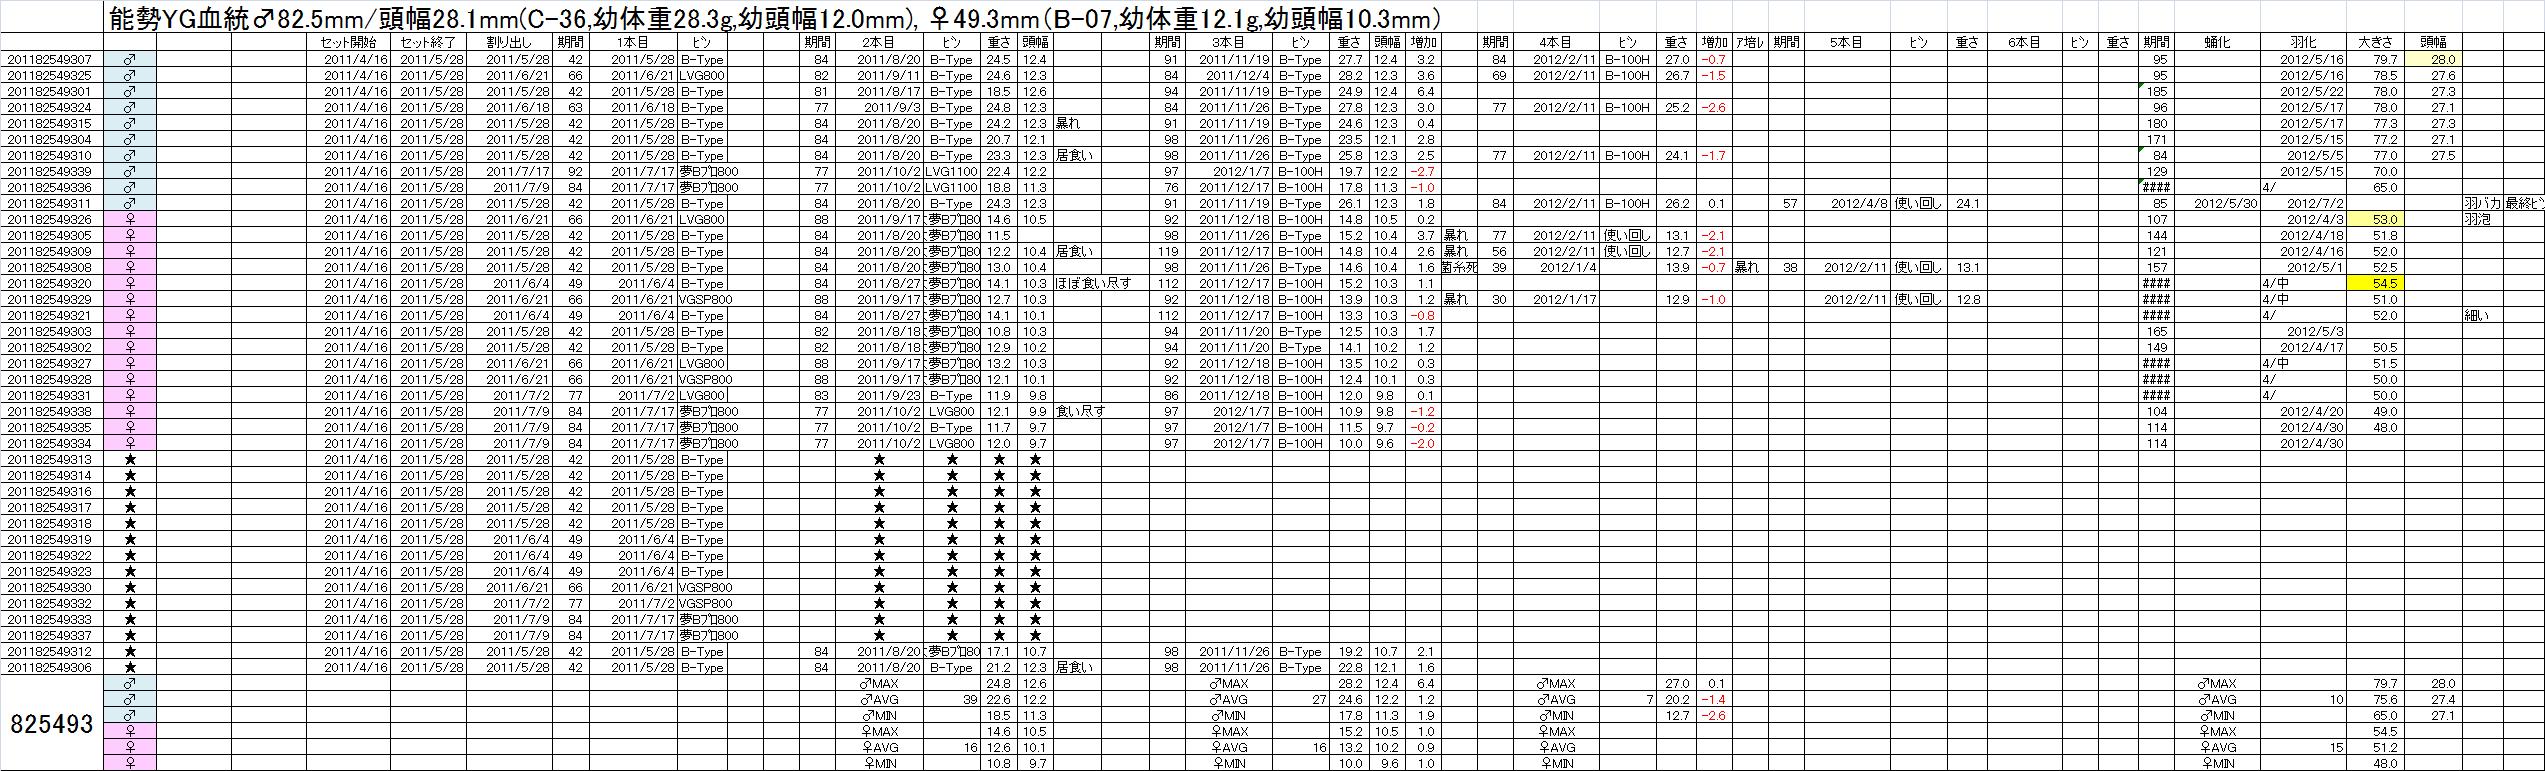 飼育管理表 2011-12 825x493